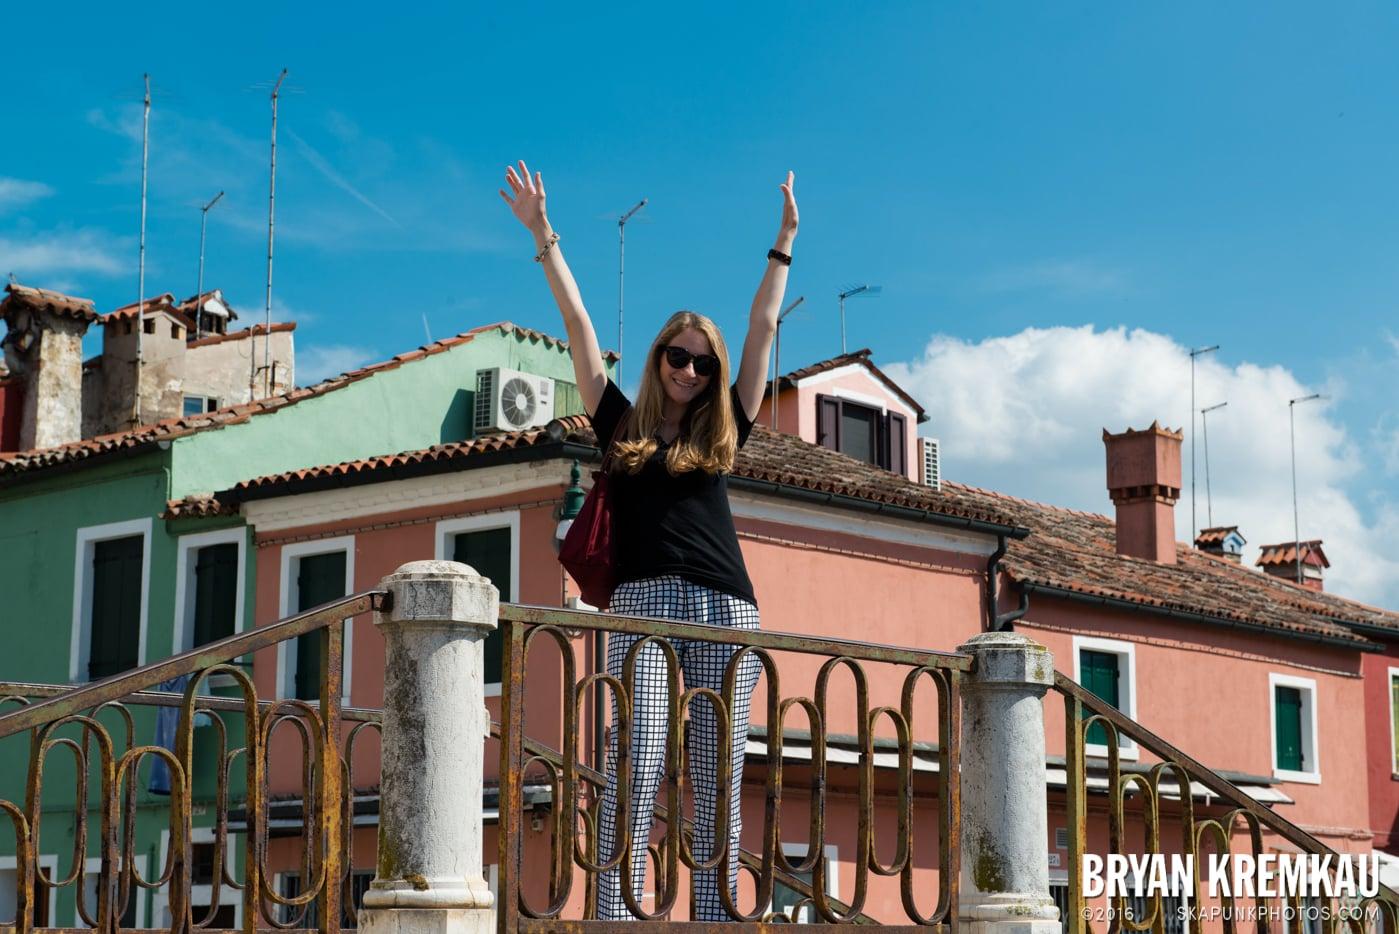 Italy Vacation - Day 6: Murano, Burano, Venice - 9.14.13 (54)